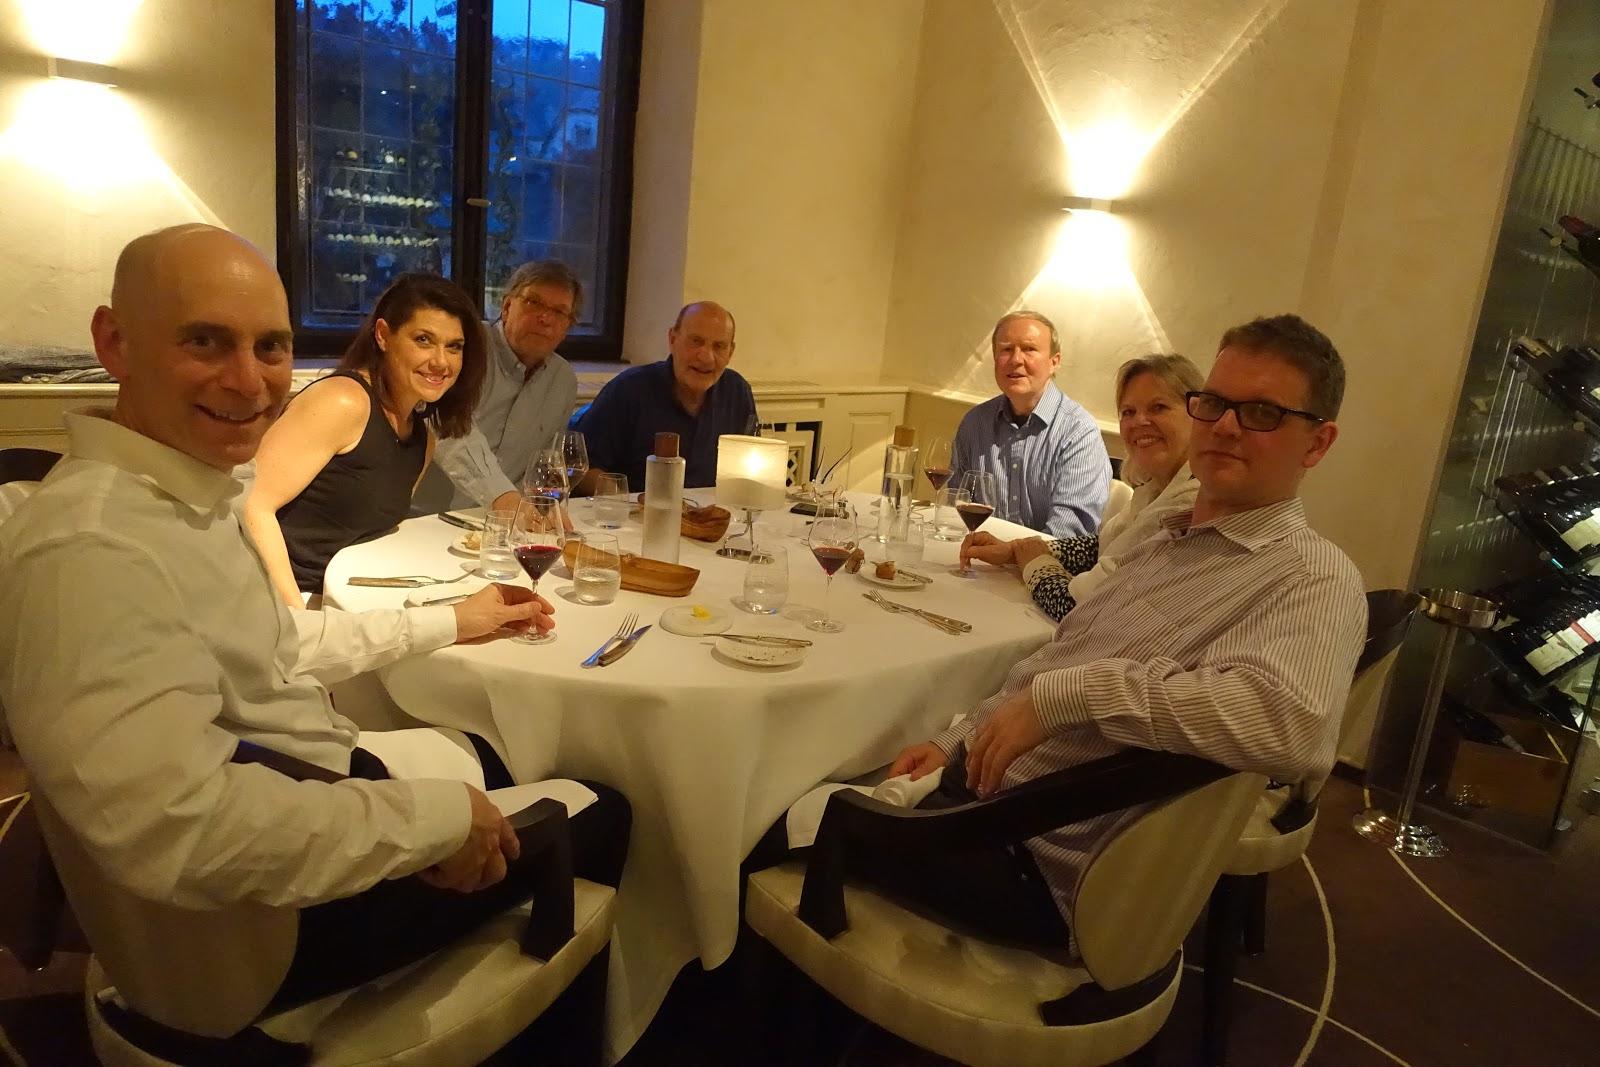 Schiller Wine Promenade Au Fleckenstein Dinner At L